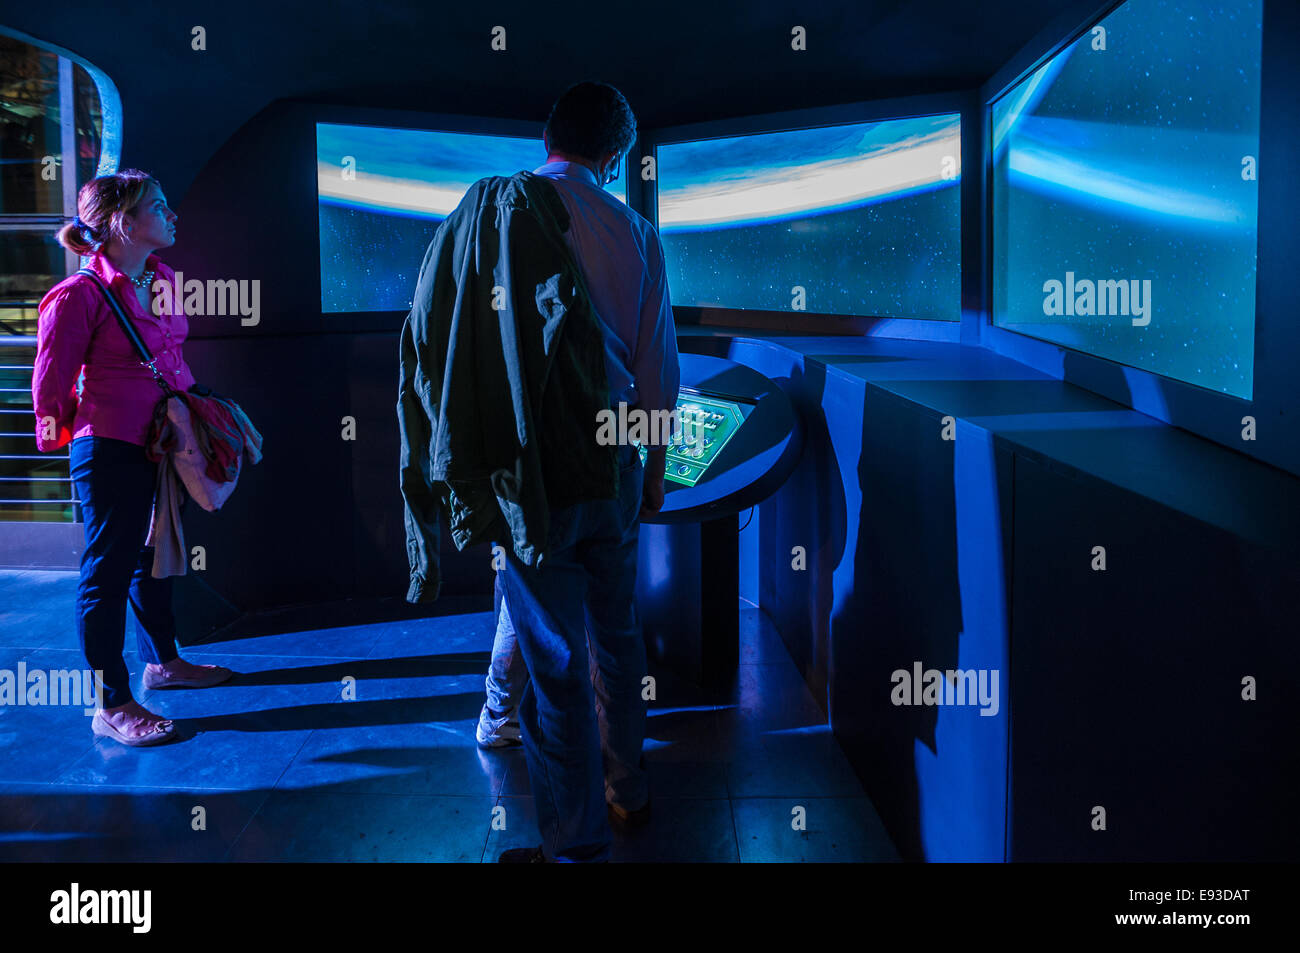 Italia Turín Piamonte Pino Torinese Inauguración de la nueva zona de museos del Museo de Turín planetario astronomía y espacio INFINI.Al 17 de octubre de 2014 -en una nave espacial de simulación de vuelo Foto de stock